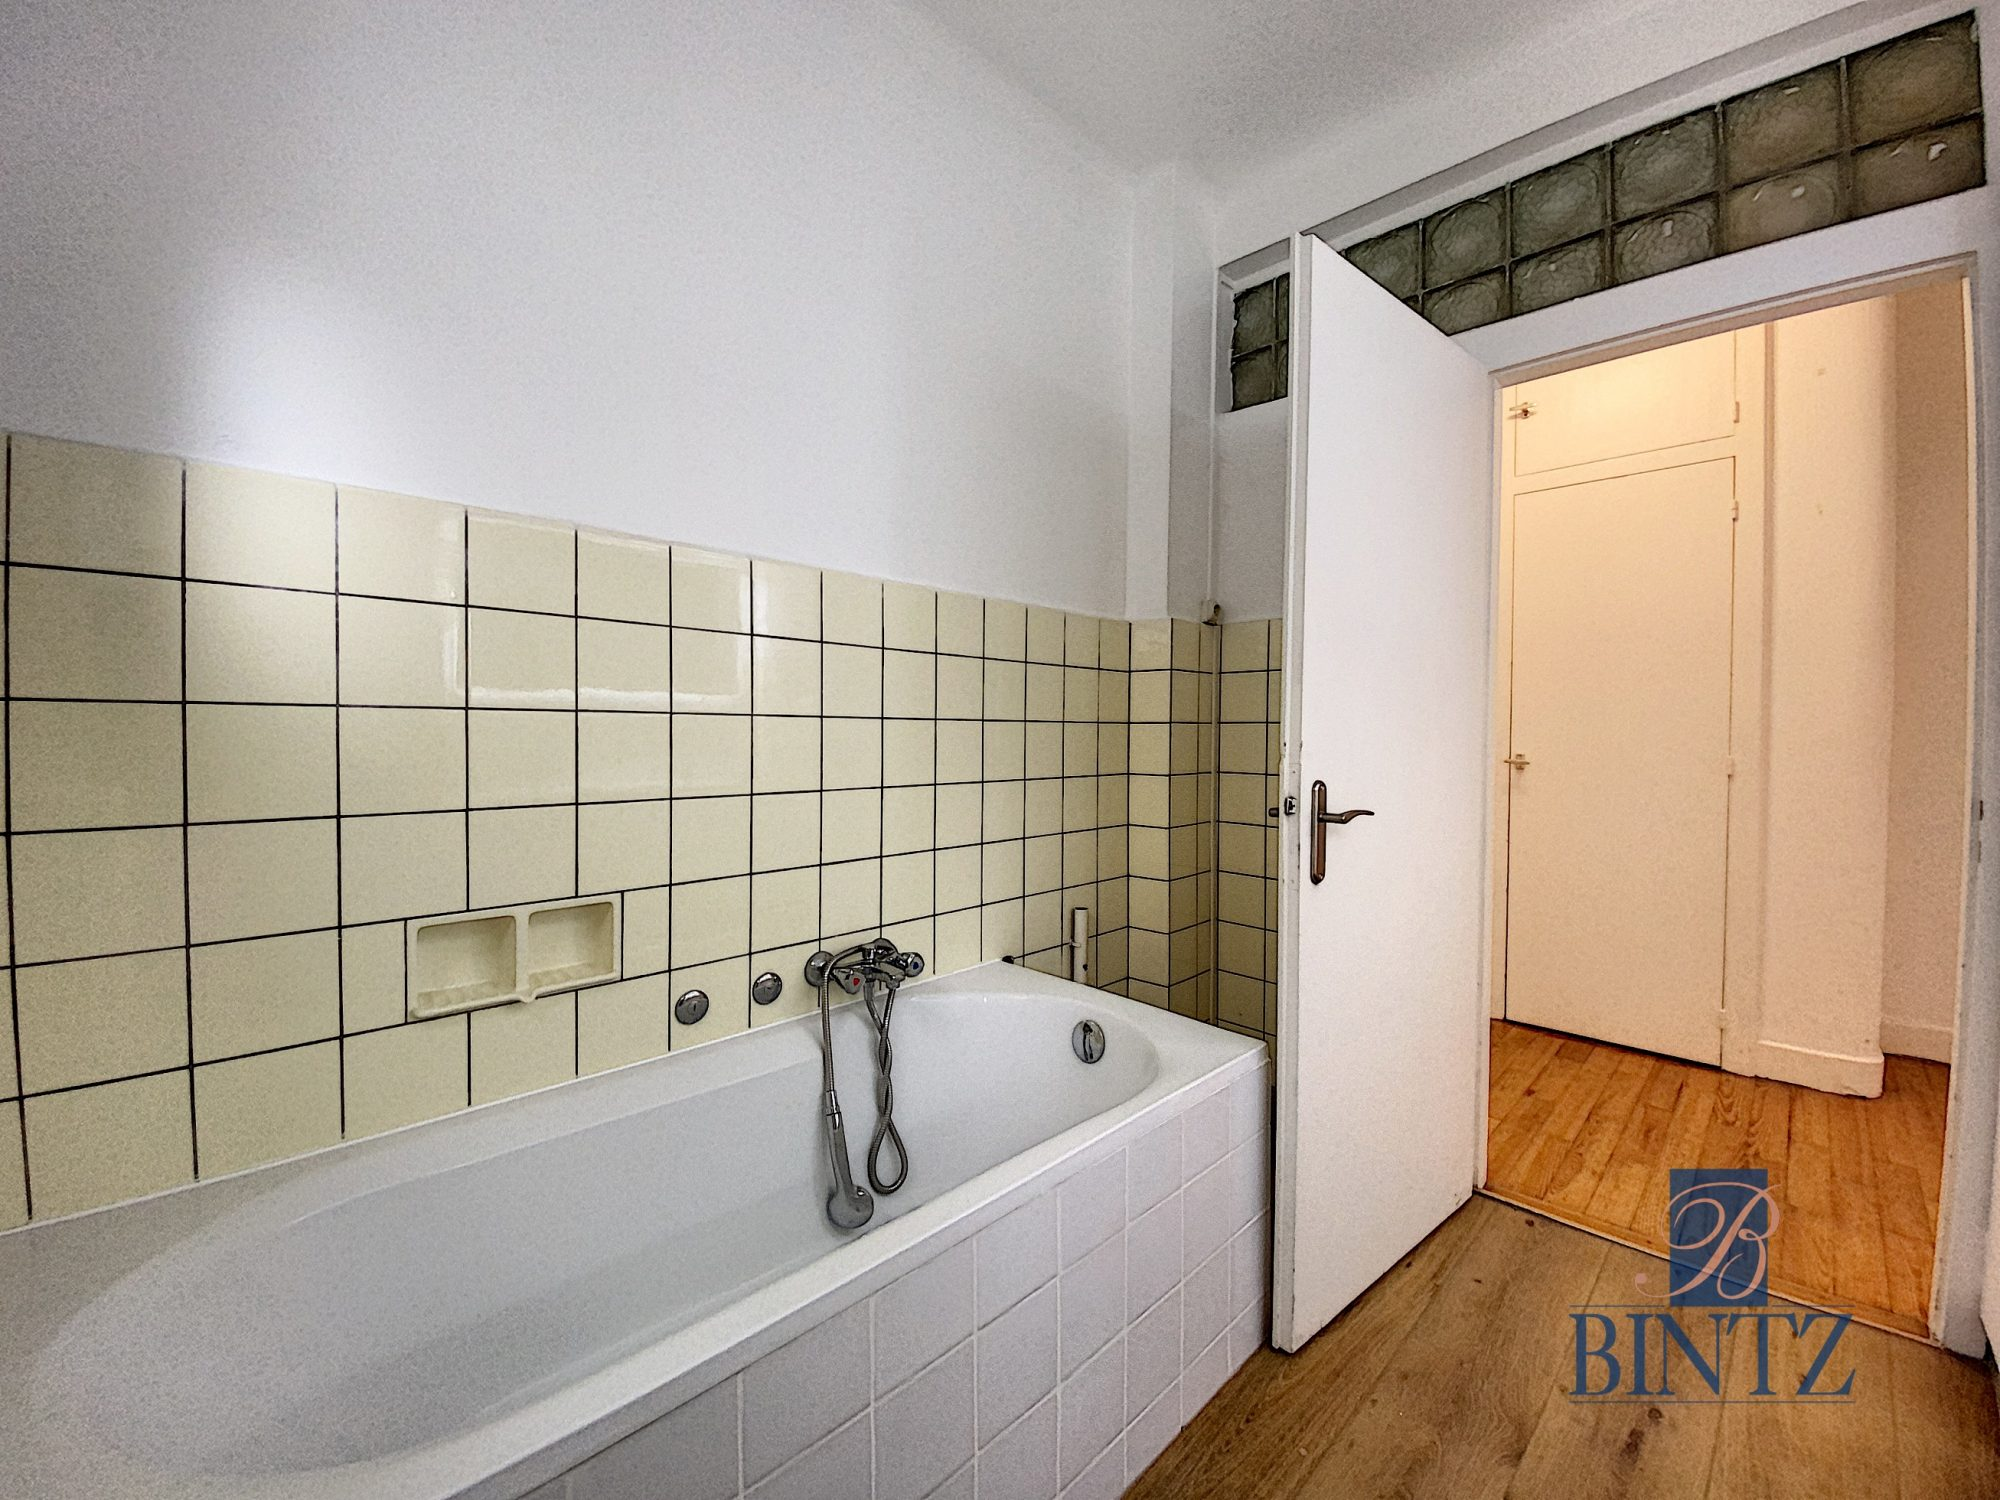 3P avec terrasse orangerie - Devenez locataire en toute sérénité - Bintz Immobilier - 17